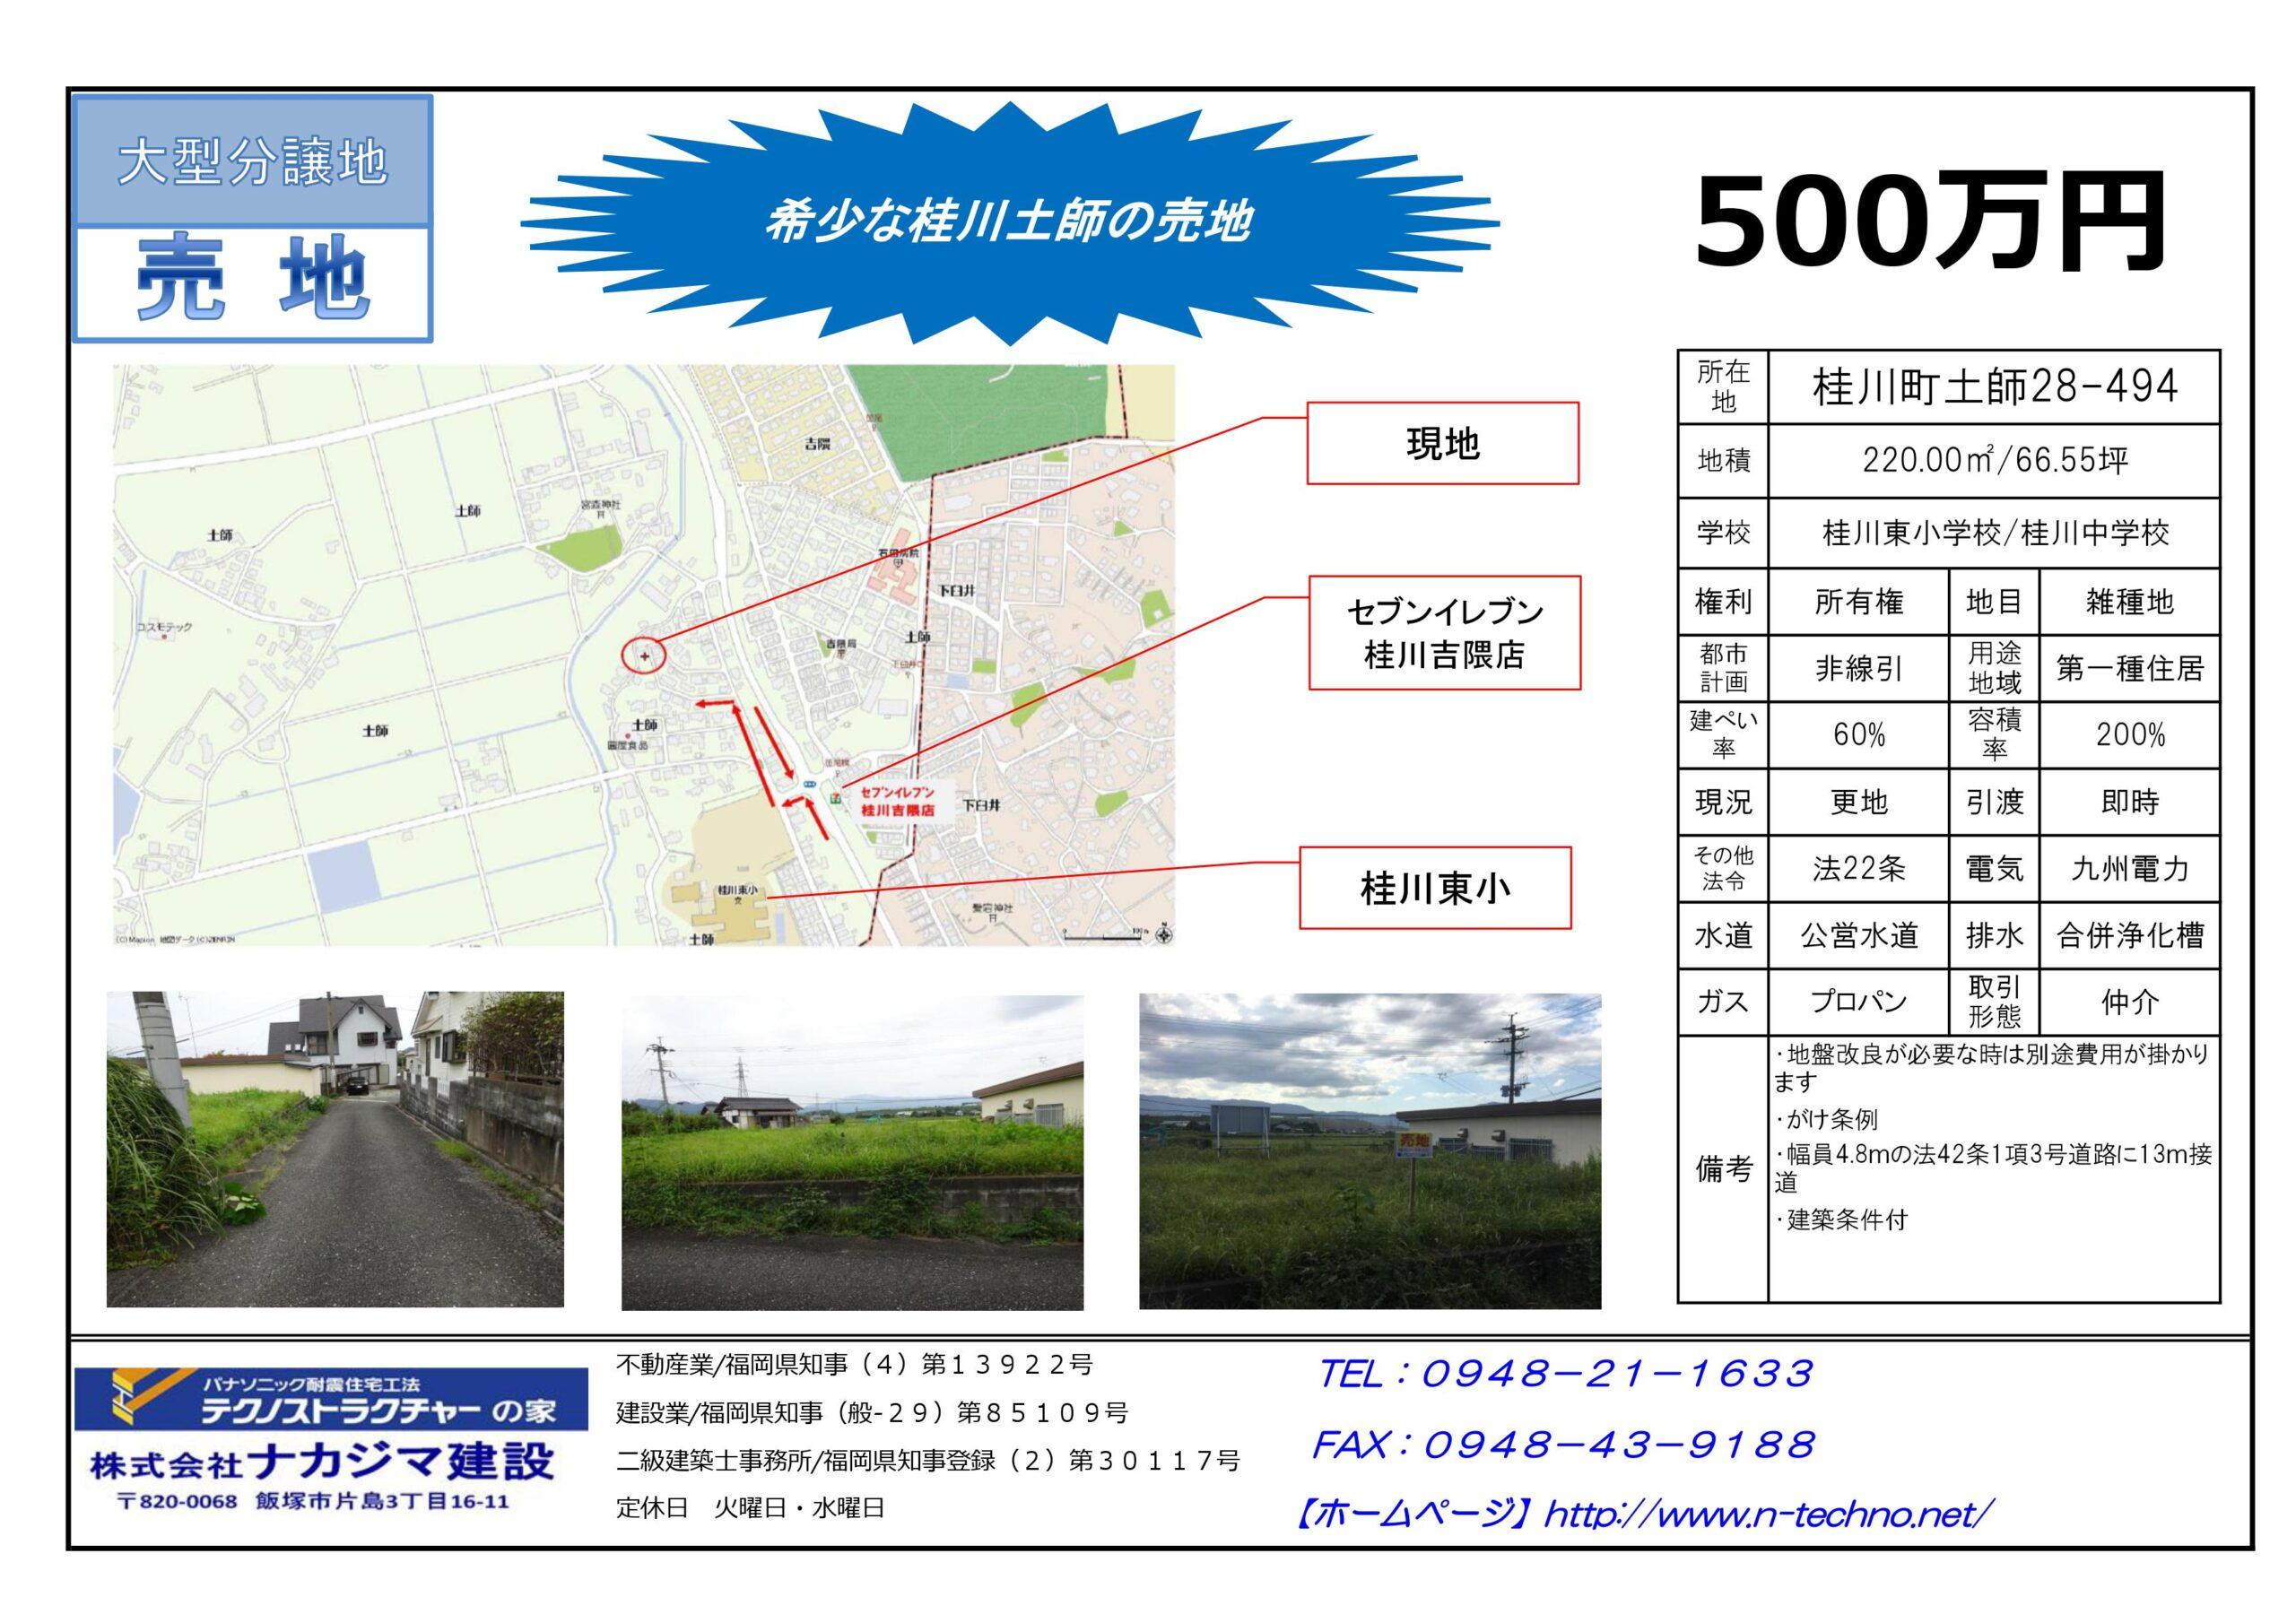 【完売済】桂川町 土師売地のご案内!